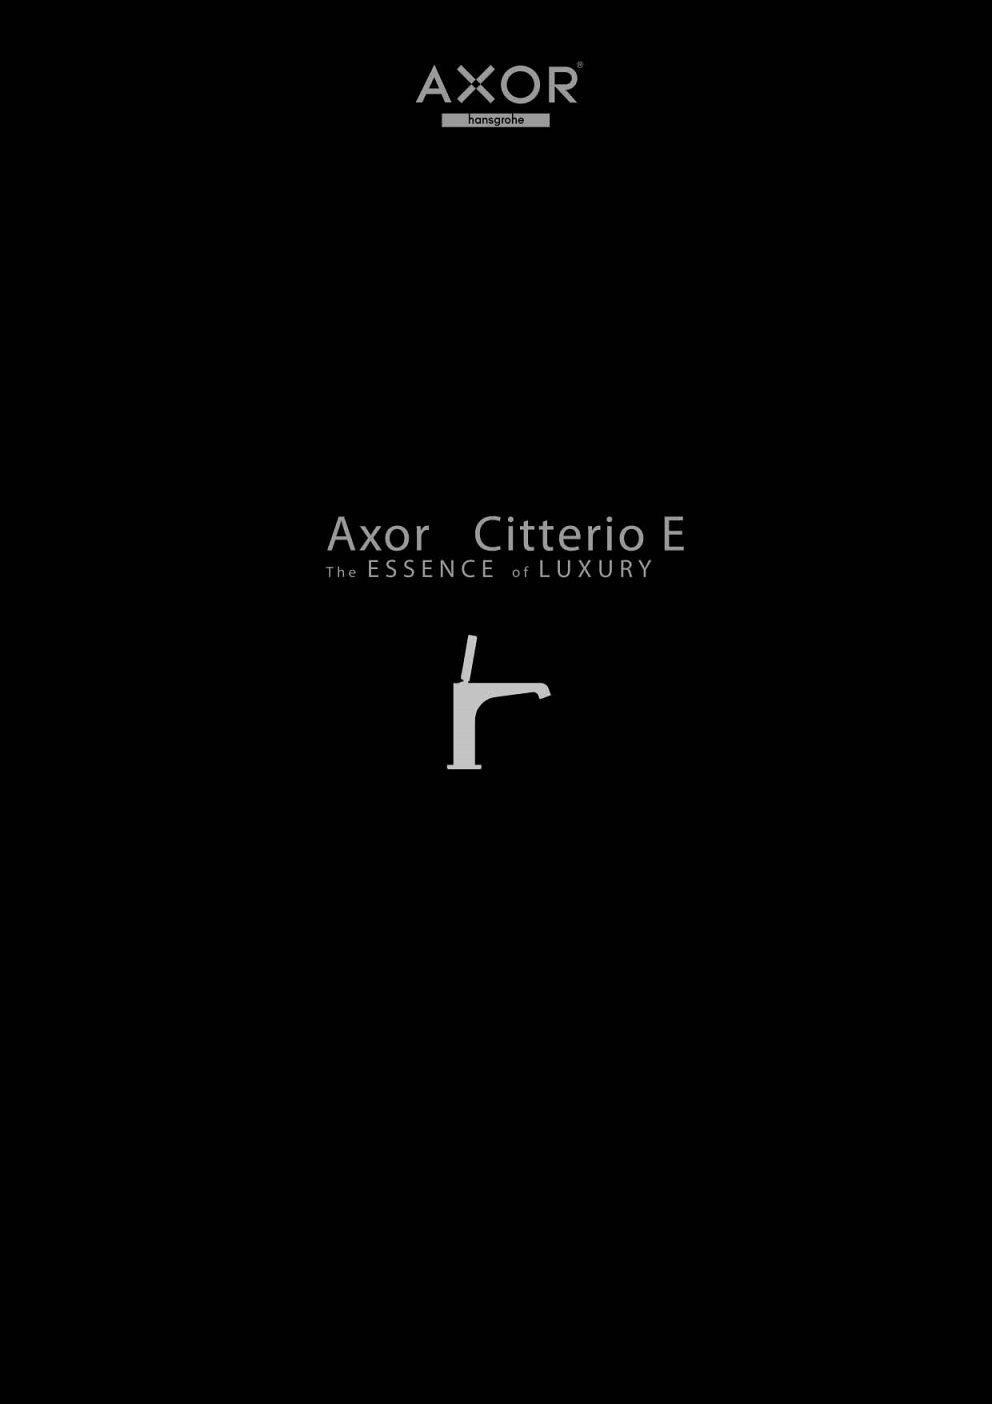 Axor - Citterio E